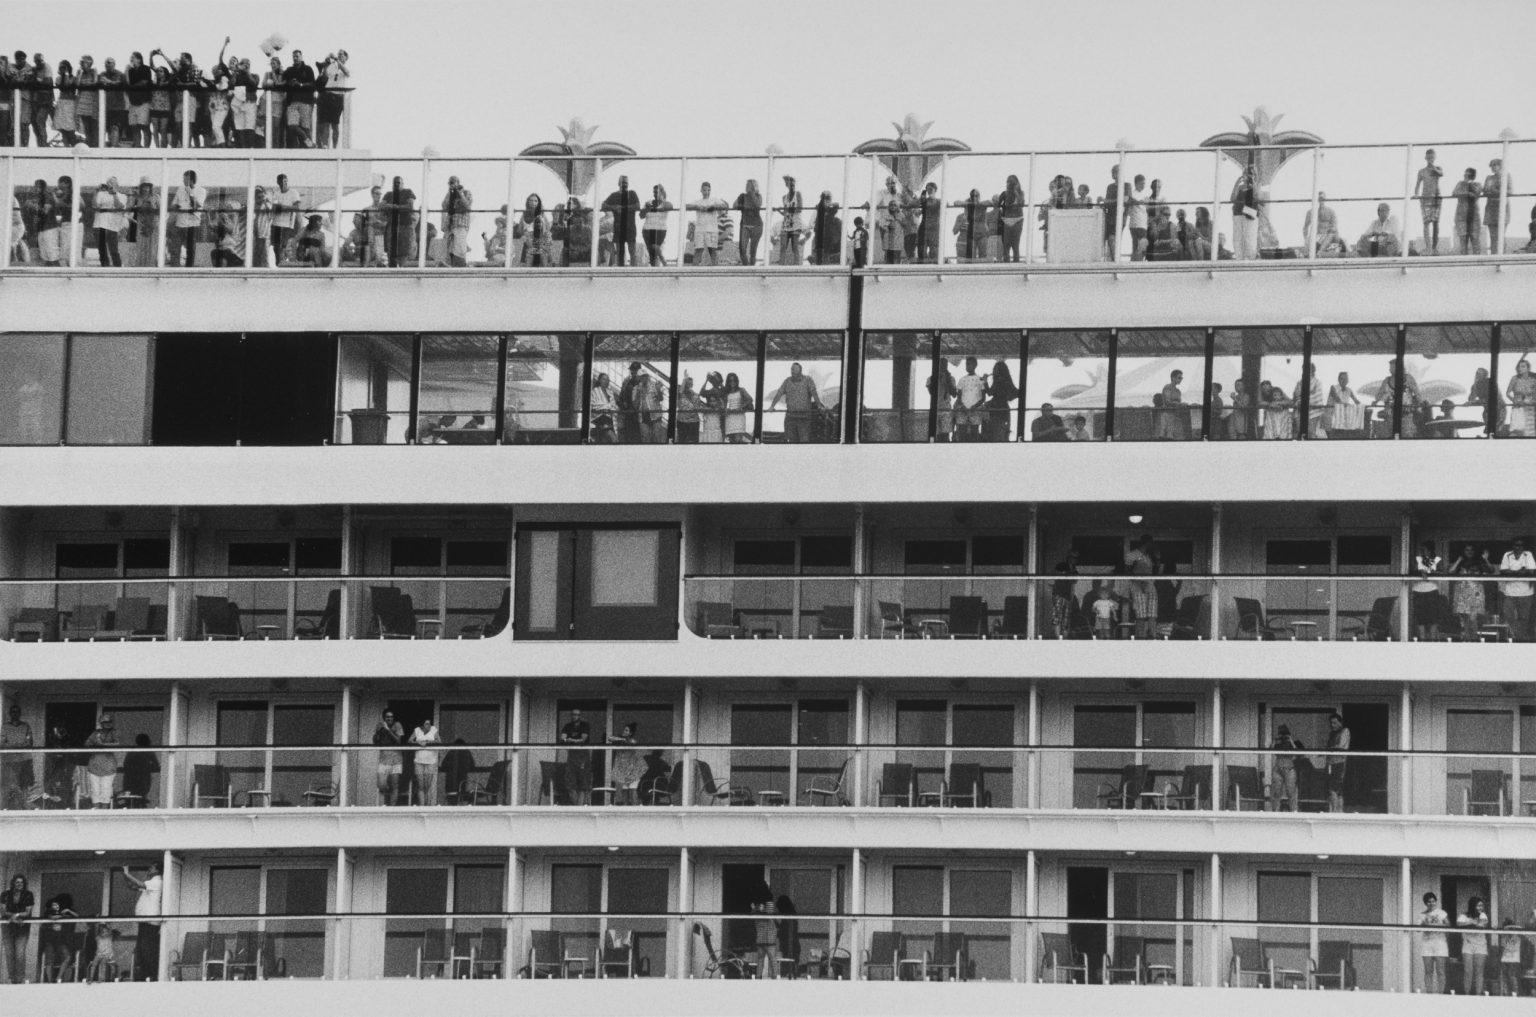 """Venice, August 2013 - Big cruise liners invade the city - Cruise ships passing by the old town ><  Venezia, agosto 2013 - Le grandi navi da crociera invadono la città - Transatlantici passano davanti al centro storico<p><span style=""""color: #ff0000""""><strong>*** SPECIAL   FEE   APPLIES ***</strong></span></p>*** SPECIAL   FEE   APPLIES *** *** Local Caption *** 00551376"""